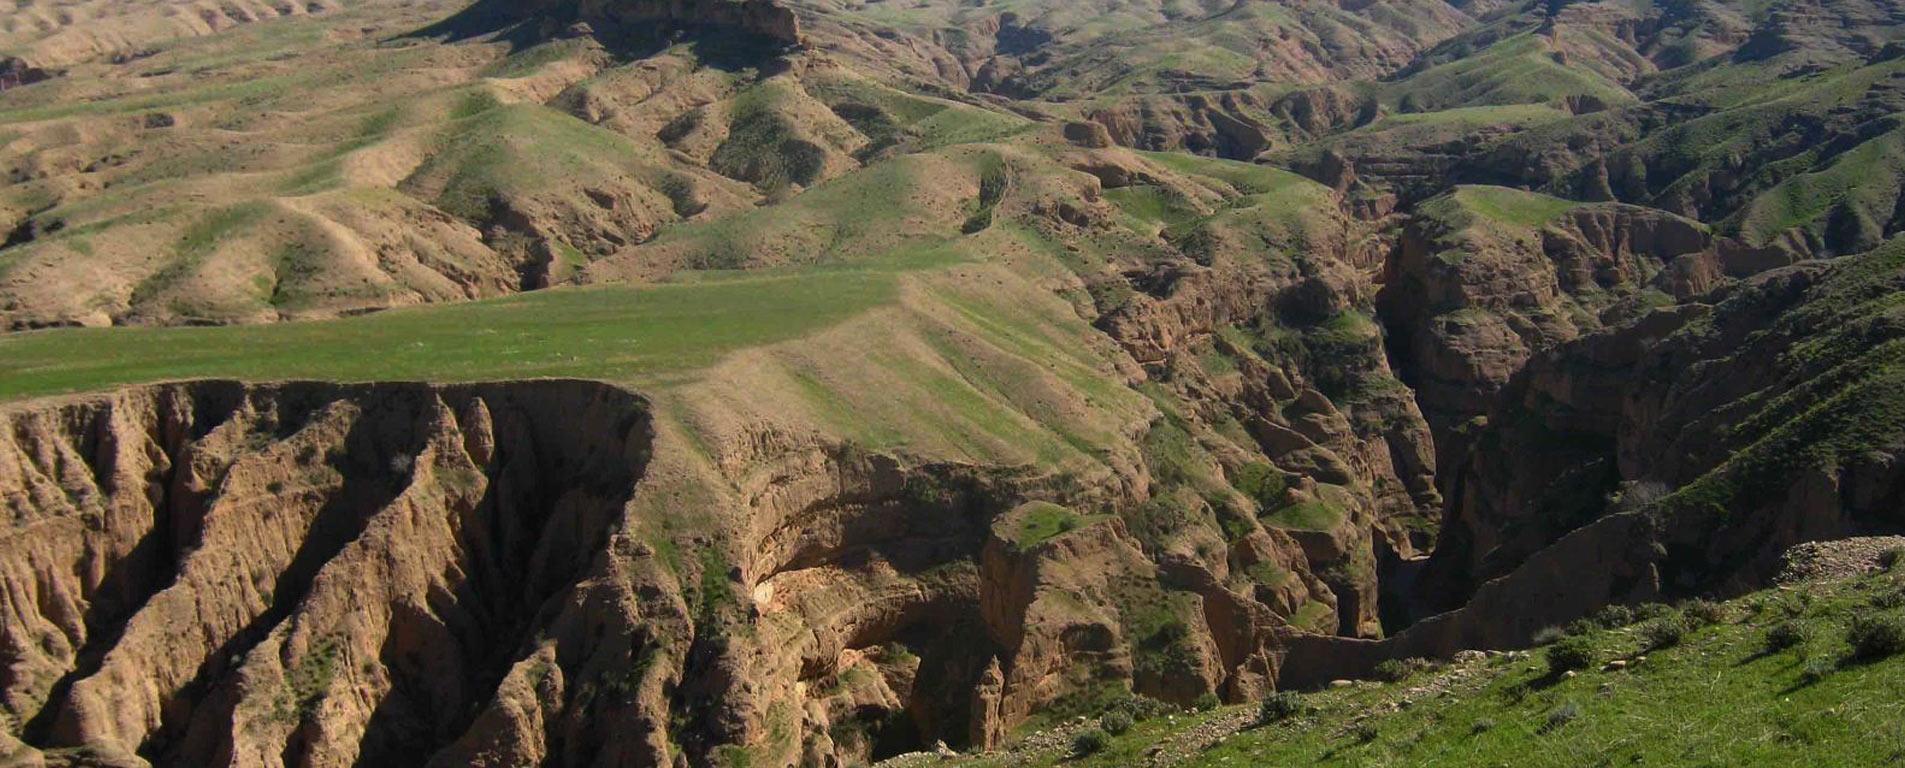 دره توبیرون دزفول ، حاصل هزاران سال فرسایش آبی